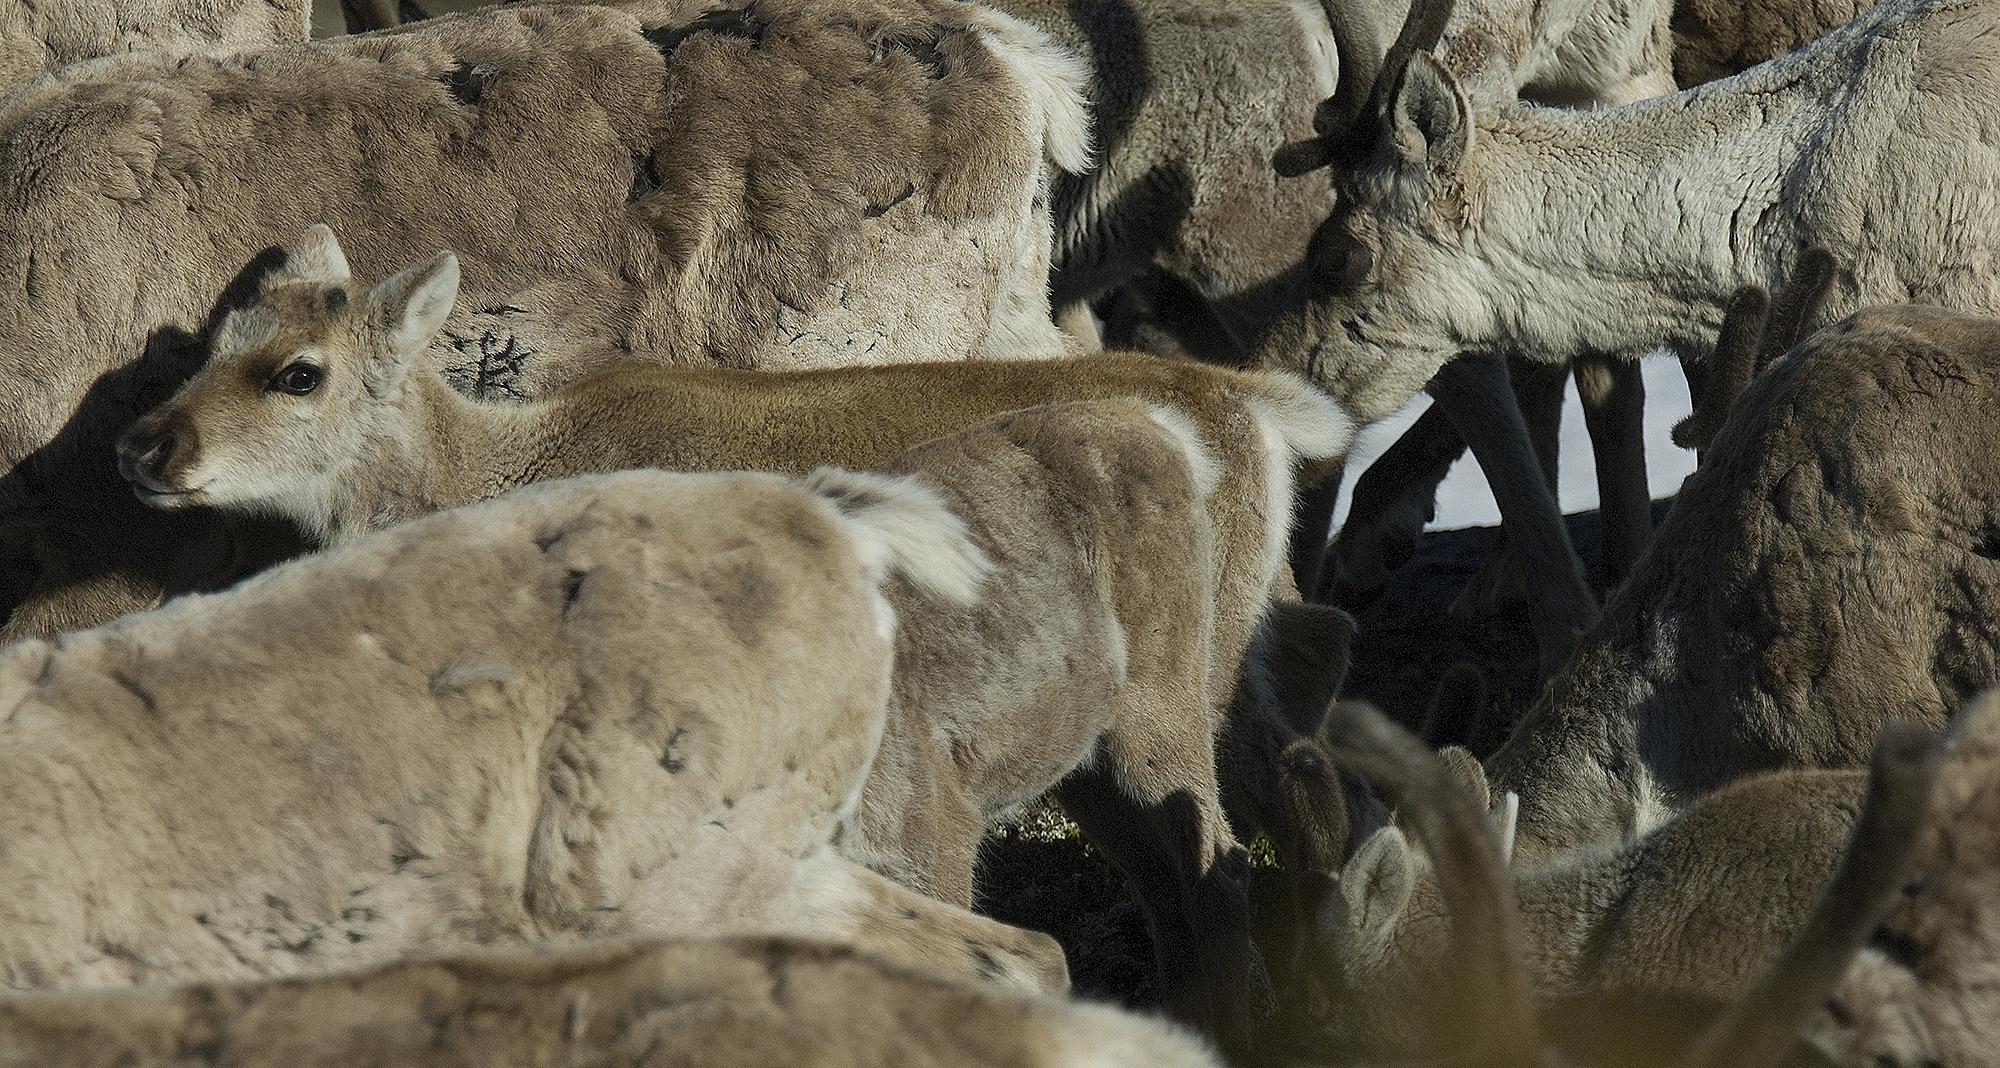 Kalvetellingene gjøres fra helikopter, og målet er å kunne si noe om andelen kalv som rekrutteres til bestandene. Foto: Olav Strand